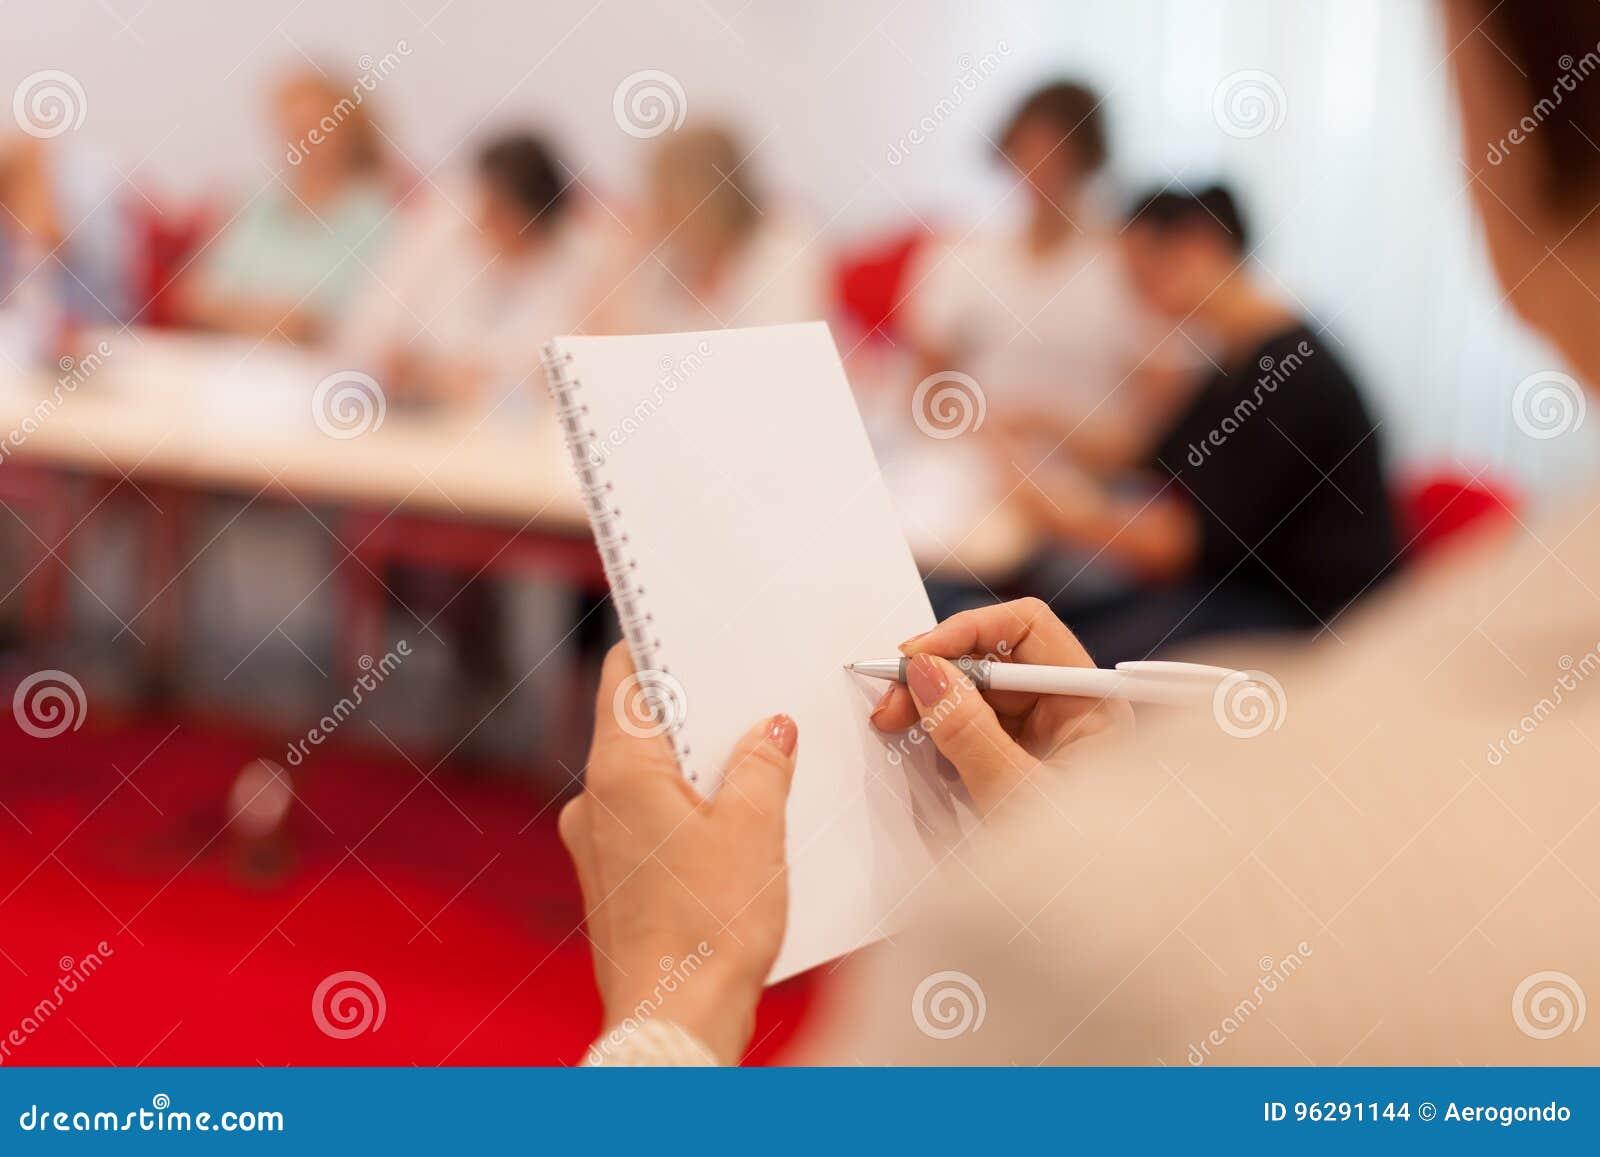 采取关于业务会议的笔记